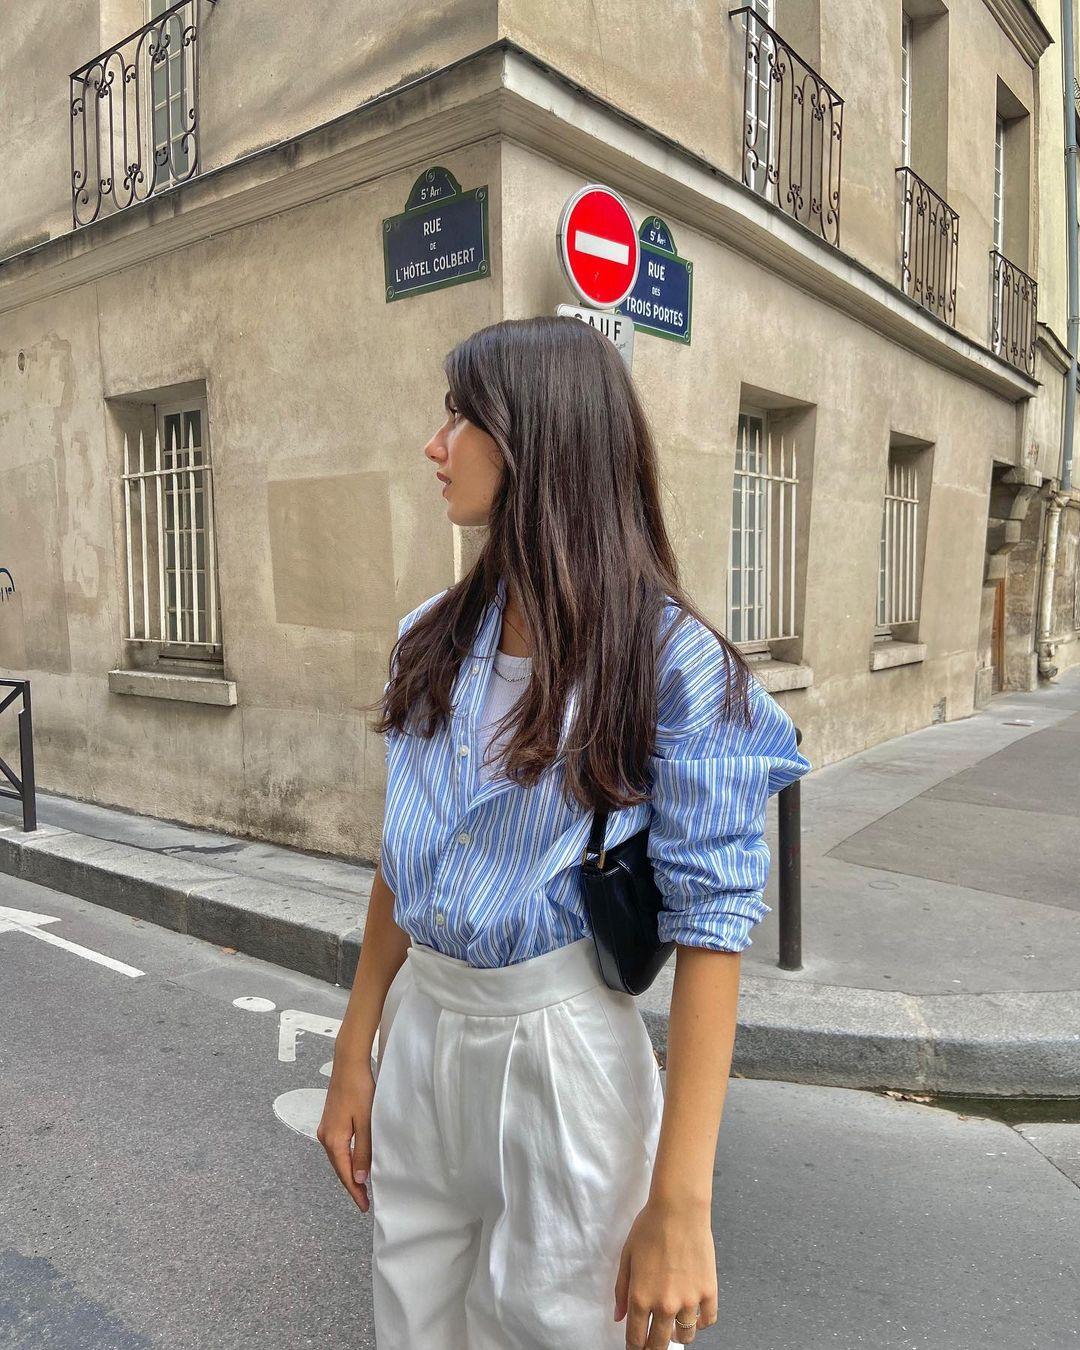 Điểm mặt 5 kiểu áo sơ mi của phụ nữ Pháp, chỉ cần diện đơn giản cũng đạt 100 điểm tinh tế! - Ảnh 6.